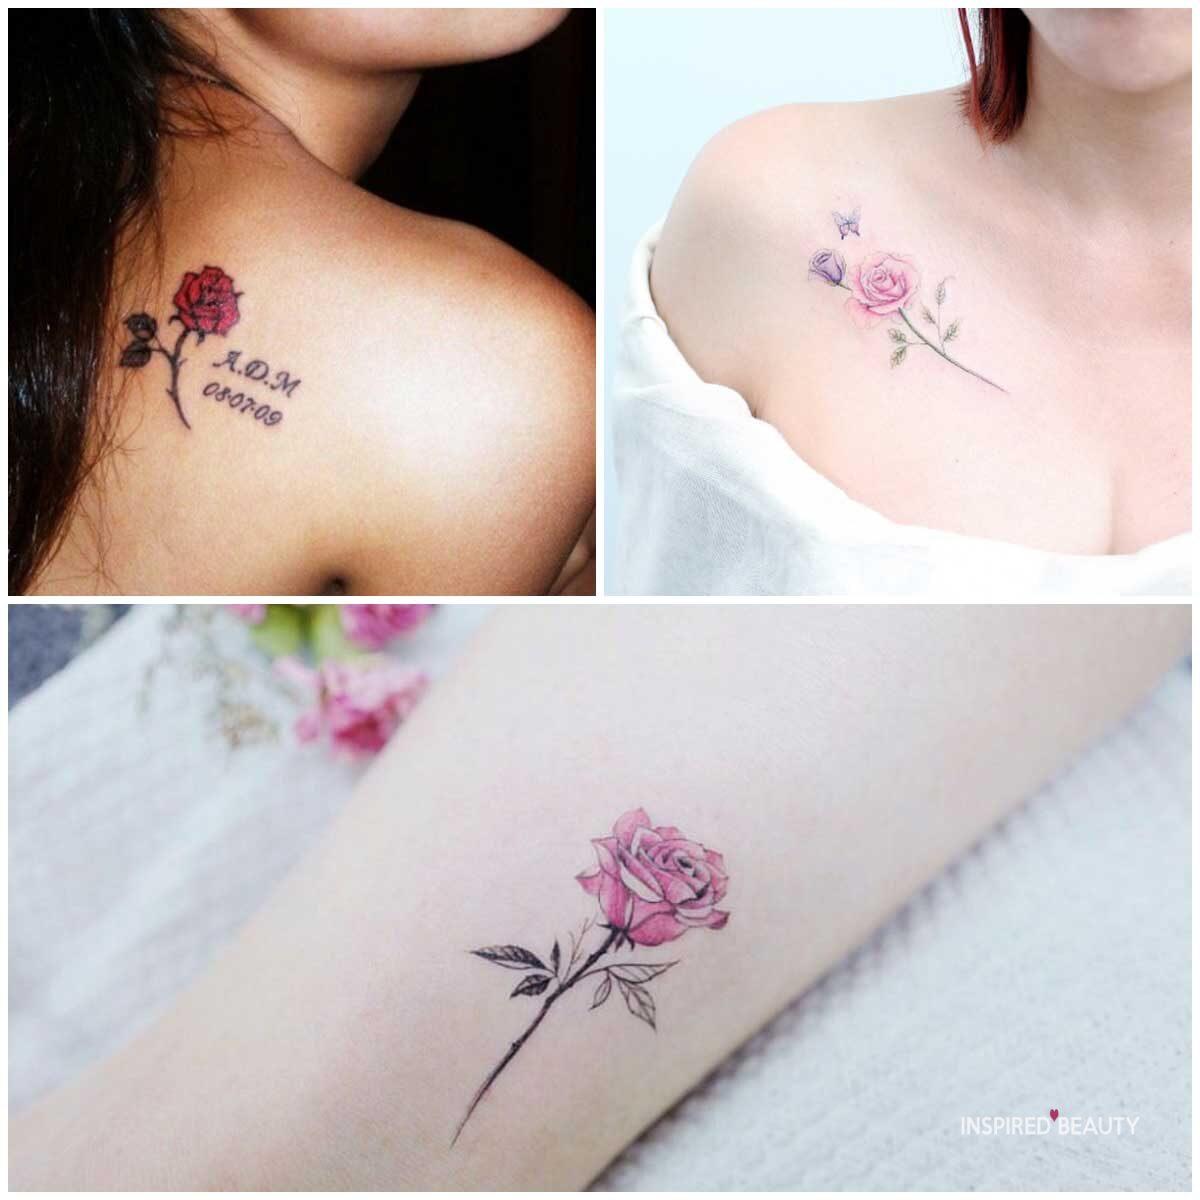 Cute Rose Tattoo Design